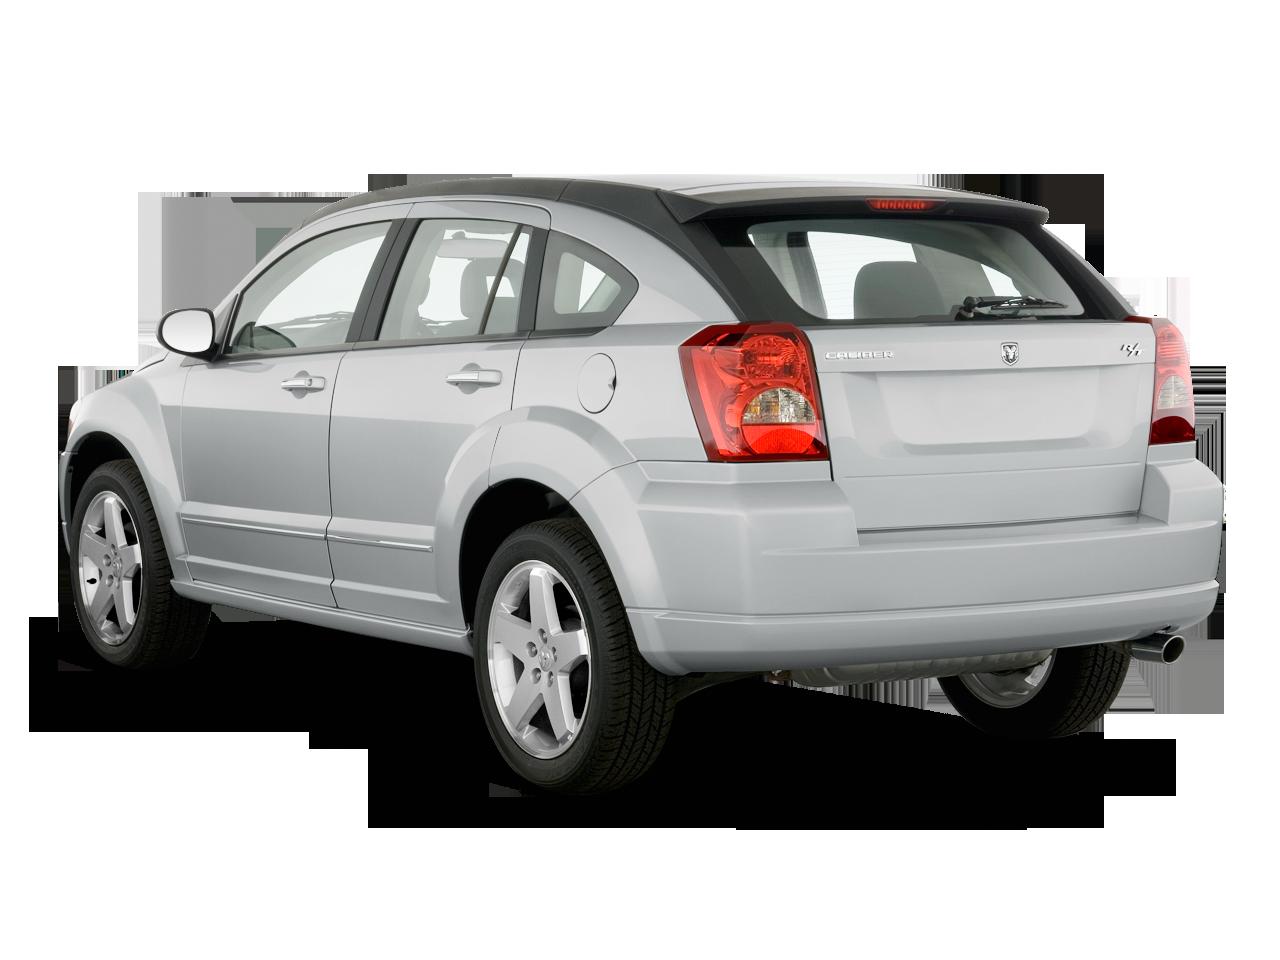 2009 dodge caliber srt4 dodge sport hatchback review automobile magazine. Black Bedroom Furniture Sets. Home Design Ideas